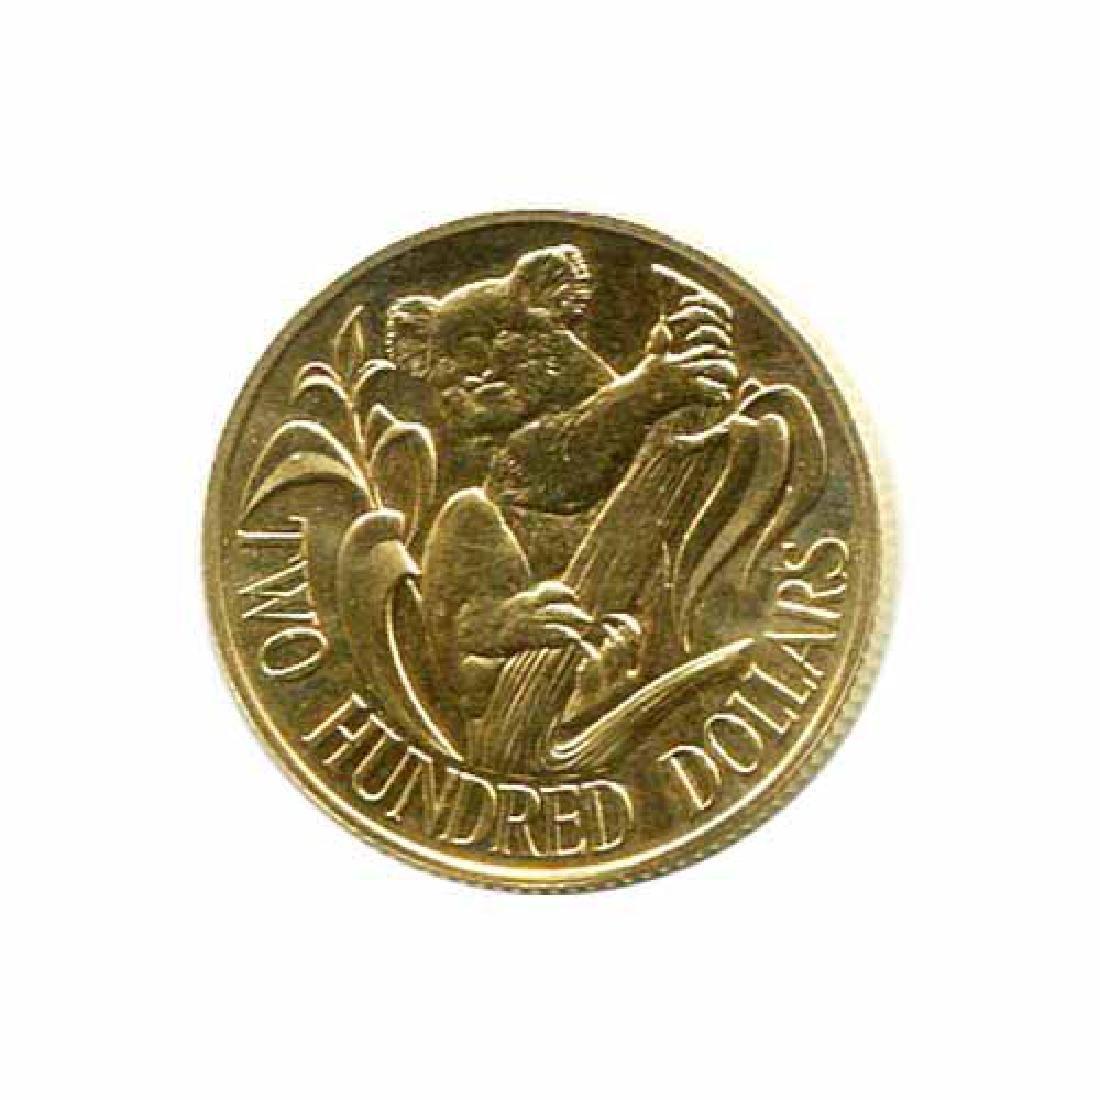 Australia $200 Gold Koala 1980-1984 BU